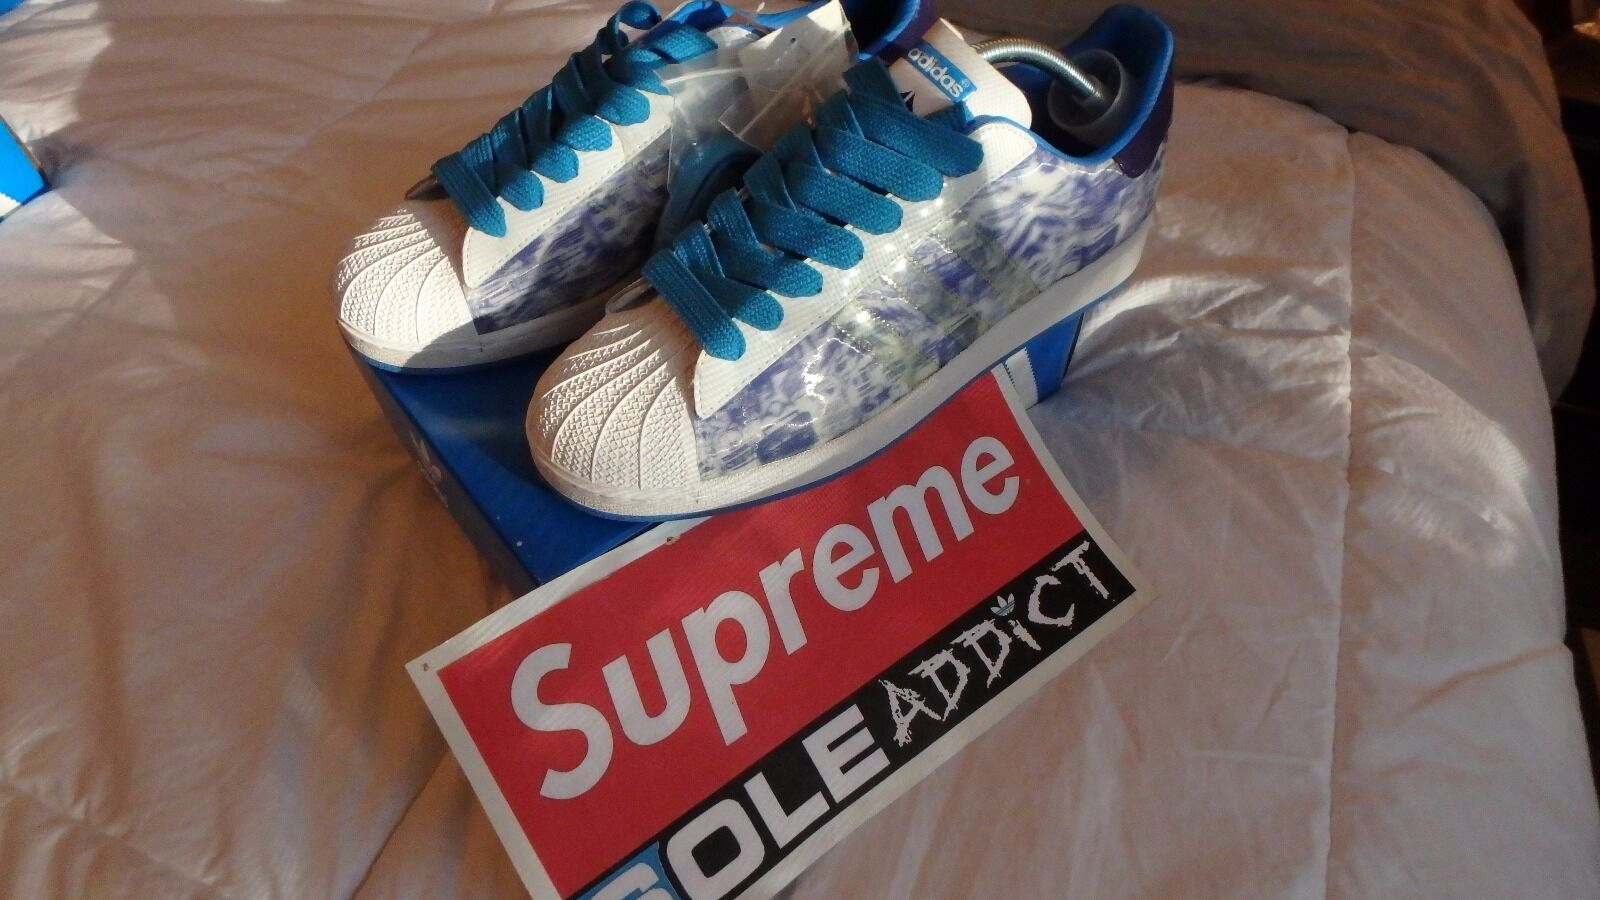 Adidas Superstar 86 Size 12 Art 060190 Date 03 08